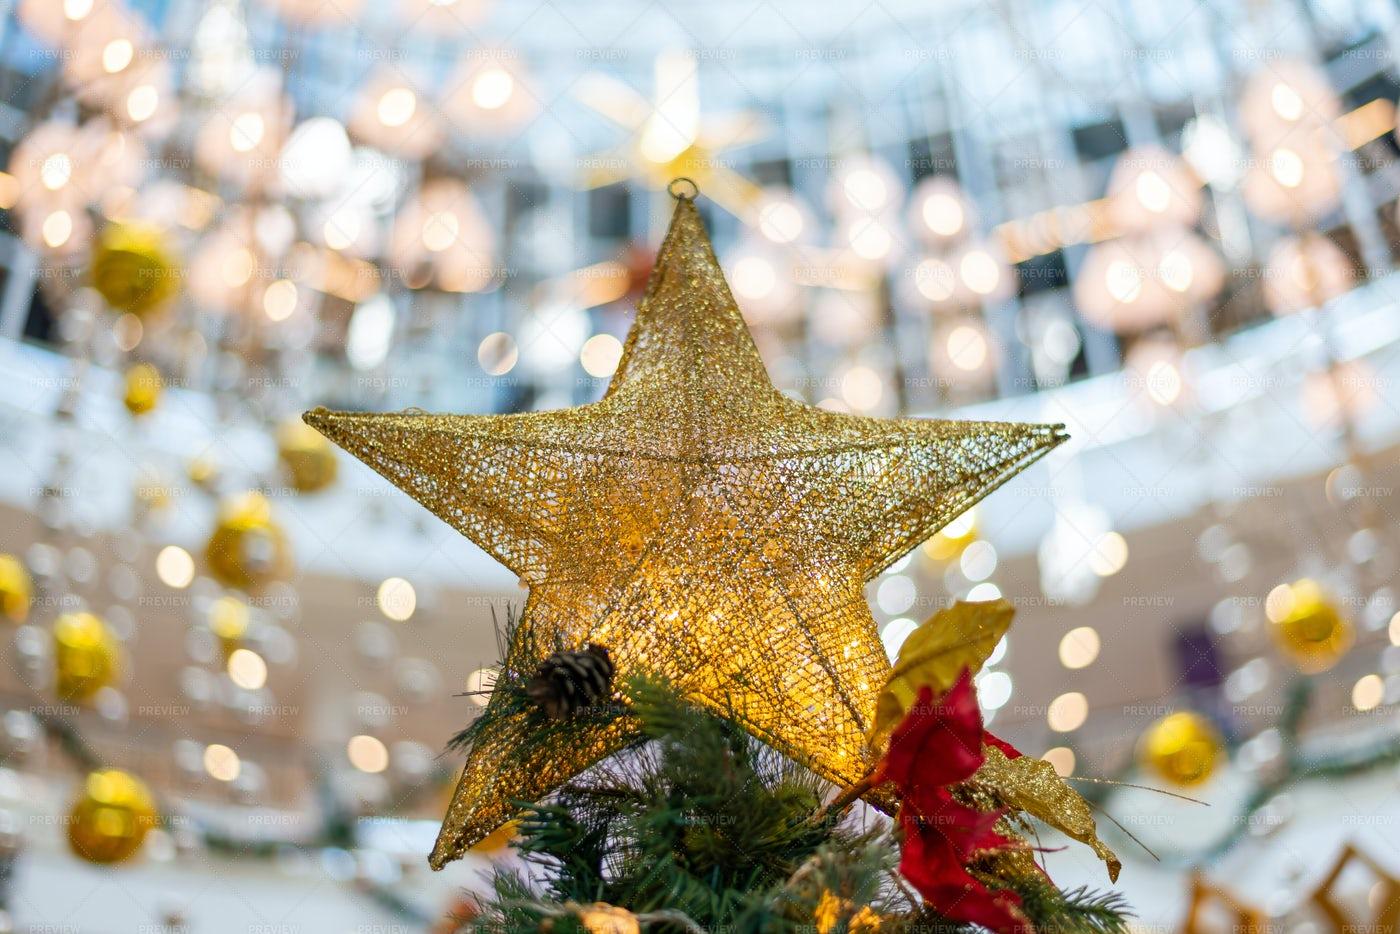 Christmas Tree Star: Stock Photos